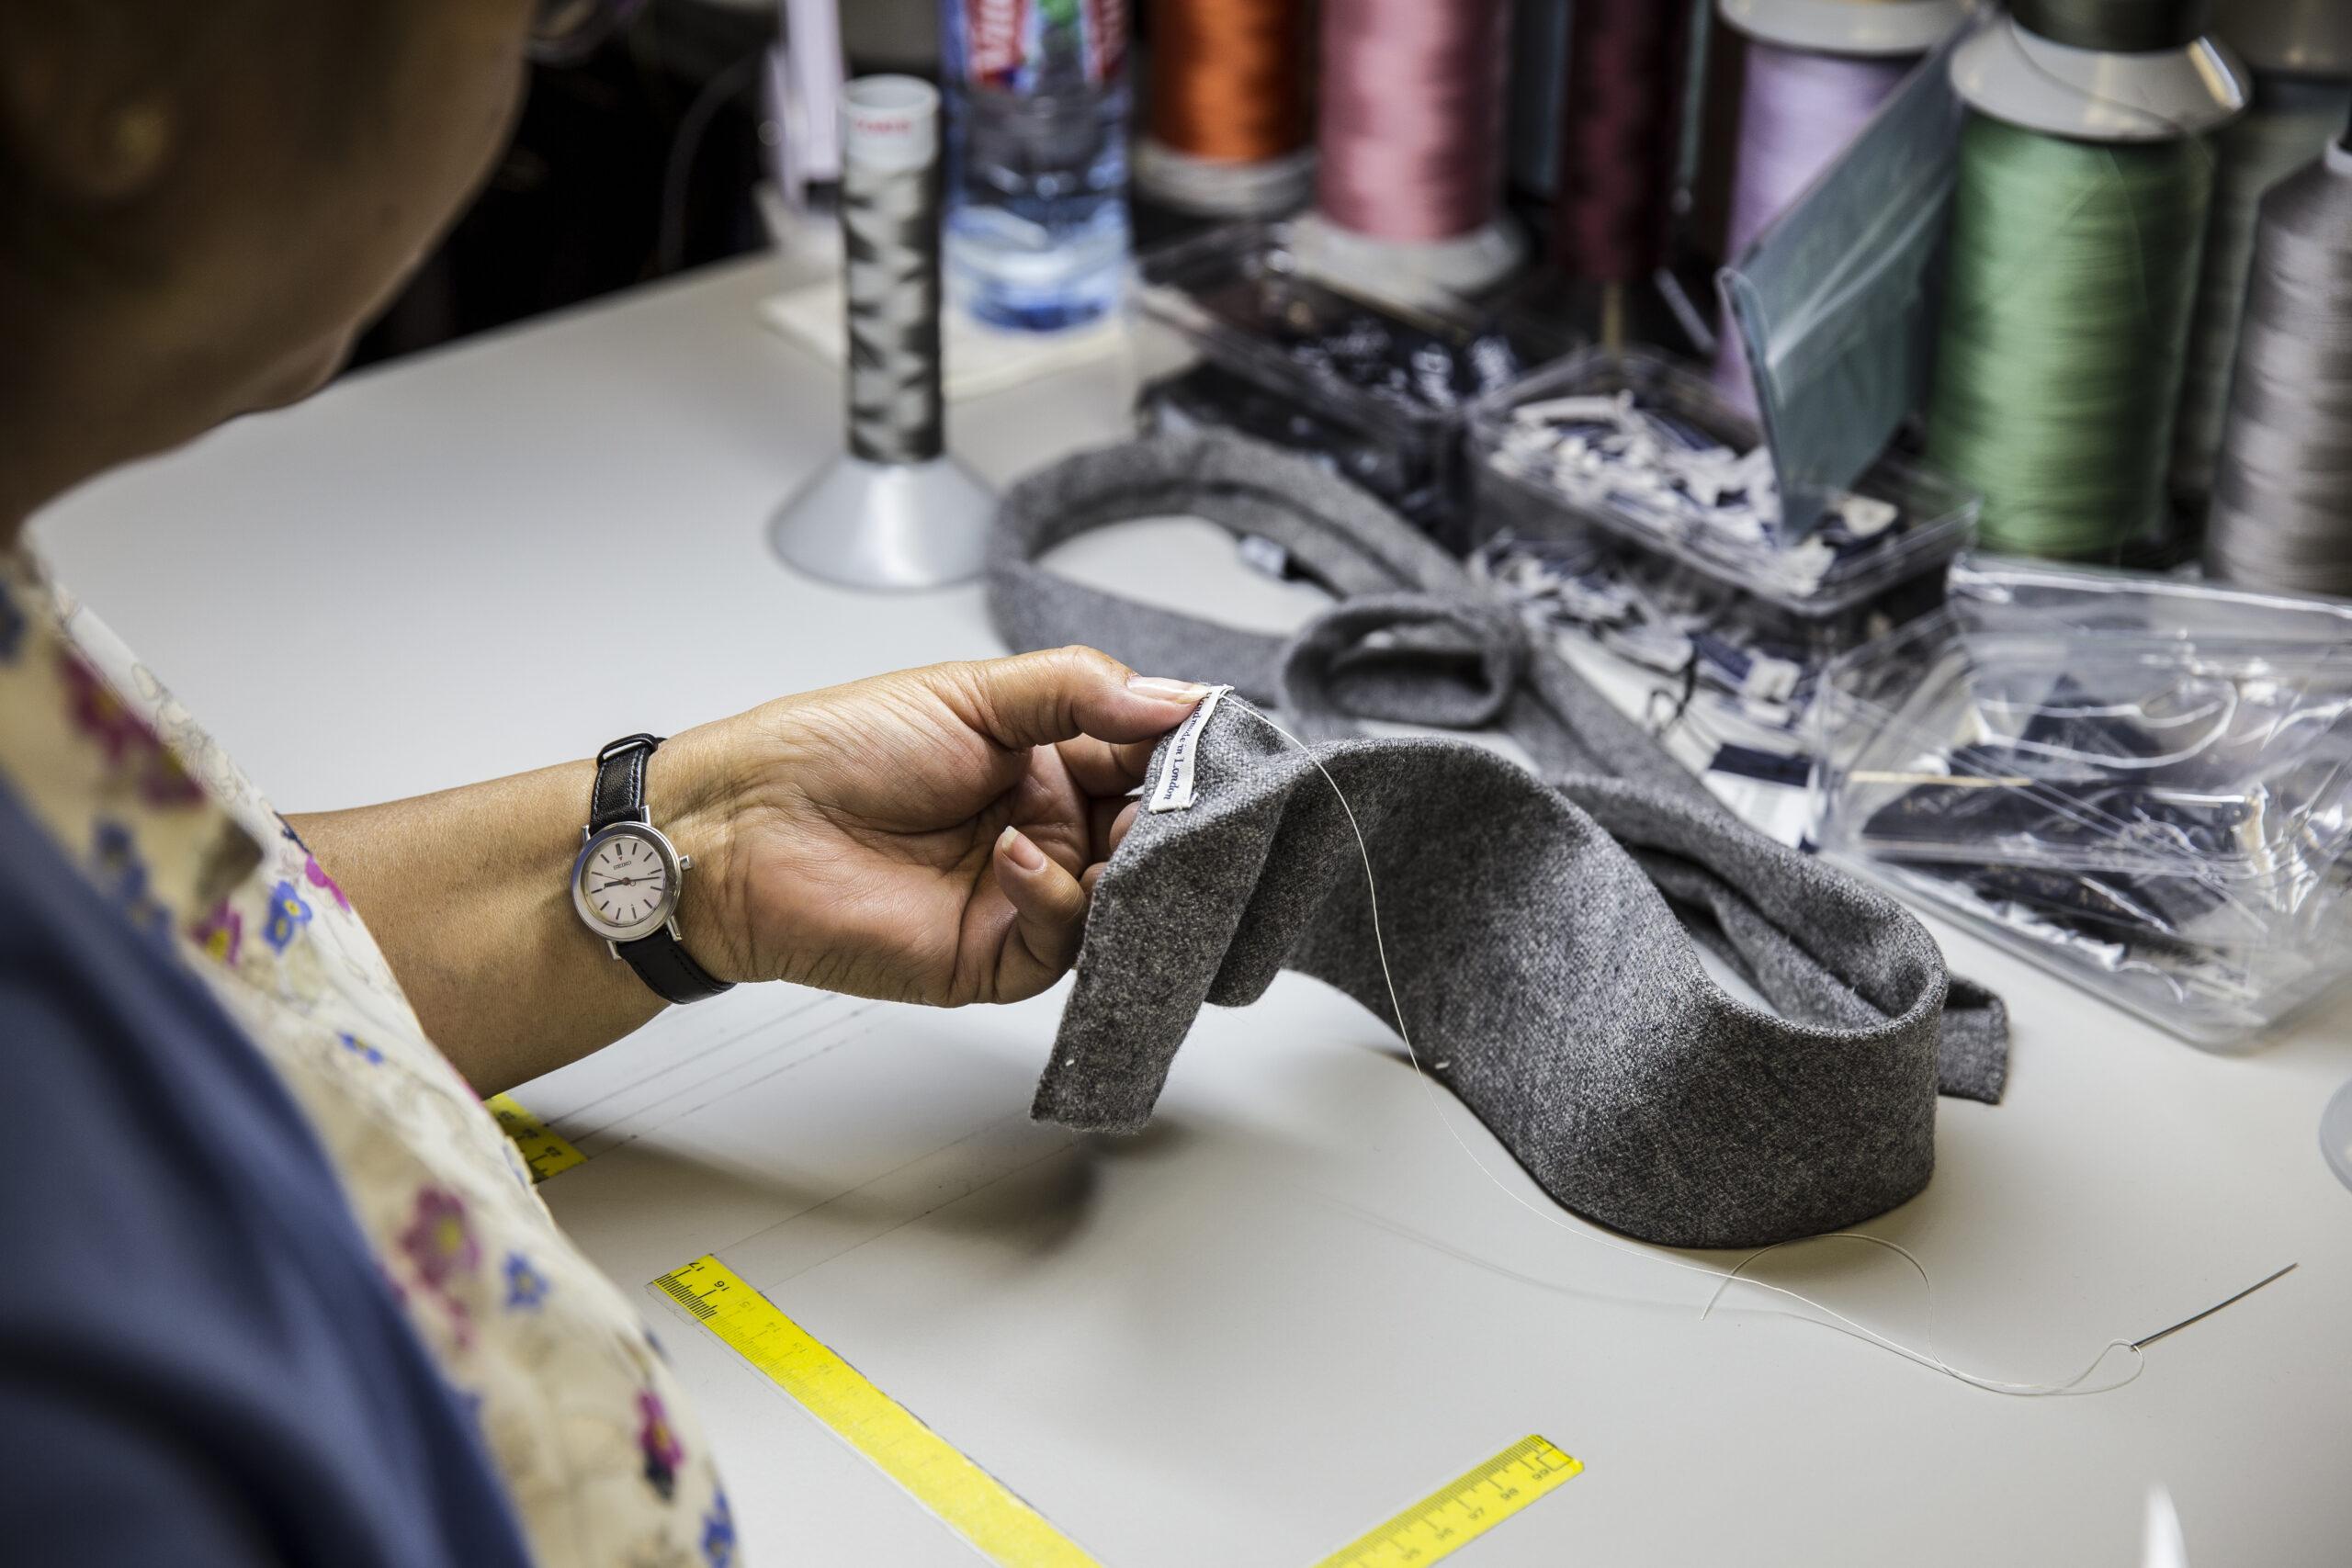 Certains ateliers vont jusqu'à coudre les étiquettes à la main. (Source: Timeslessman).